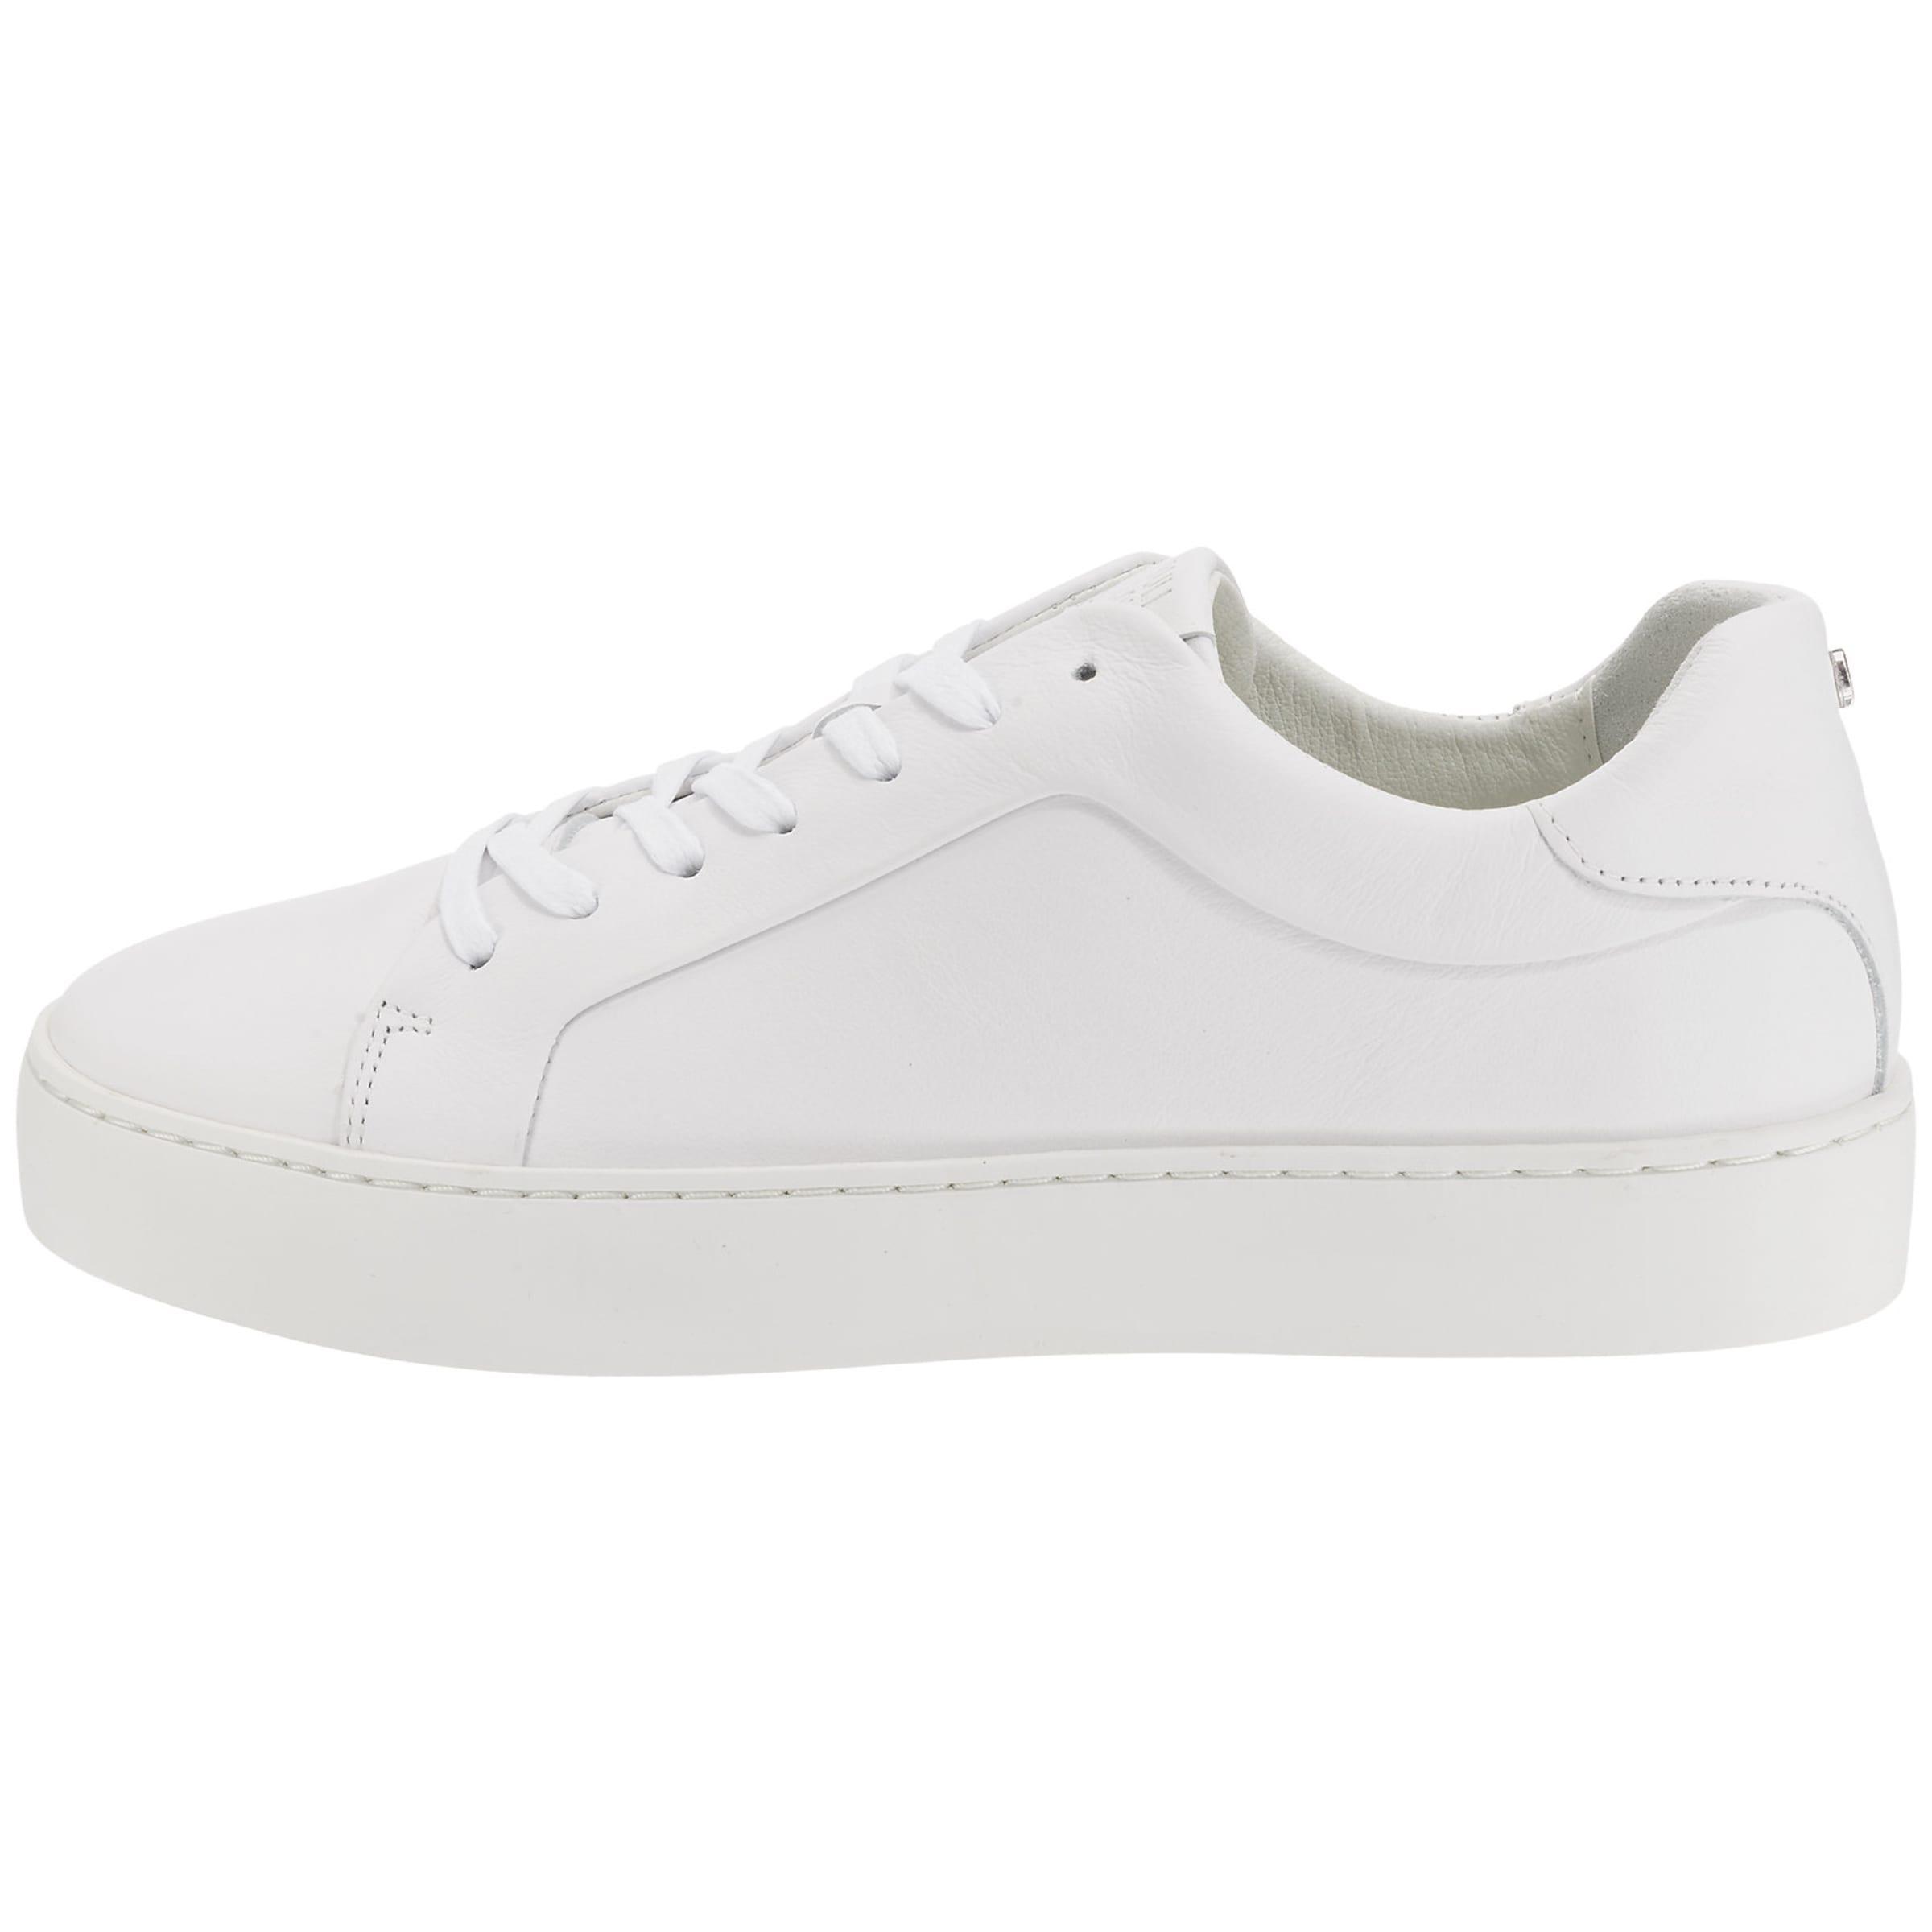 BULLBOXER Sneakers Low Verkauf Limitierter Auflage  Spitzenreiter ynEoYih